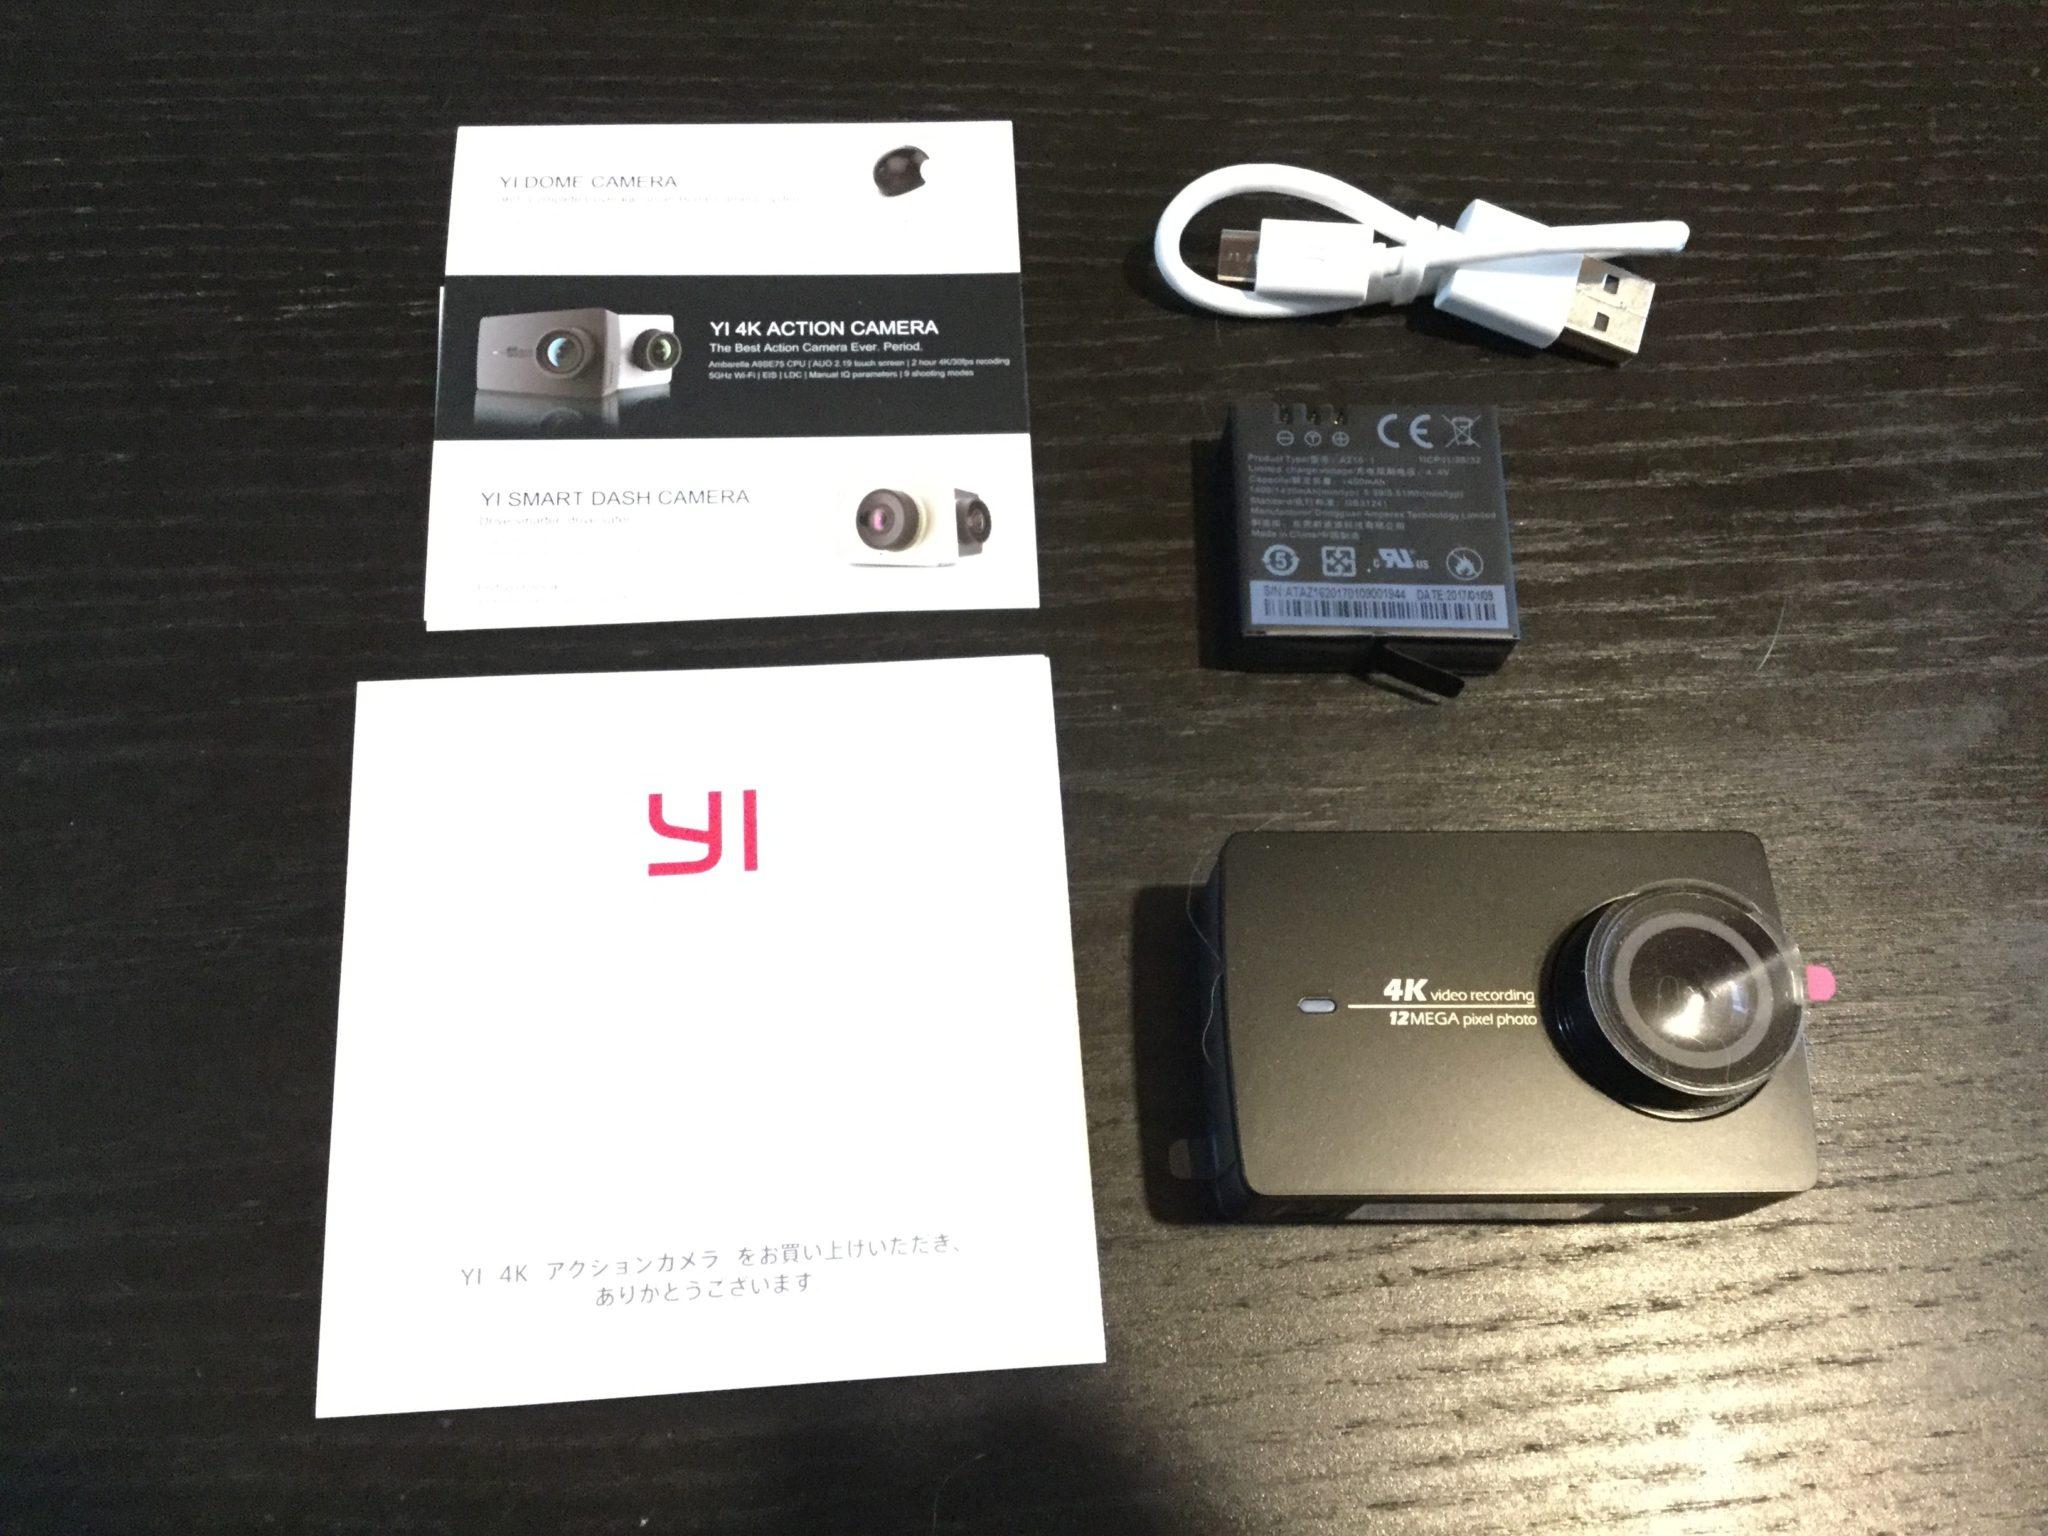 本体と付属品 YI 4Kアクションカメラ